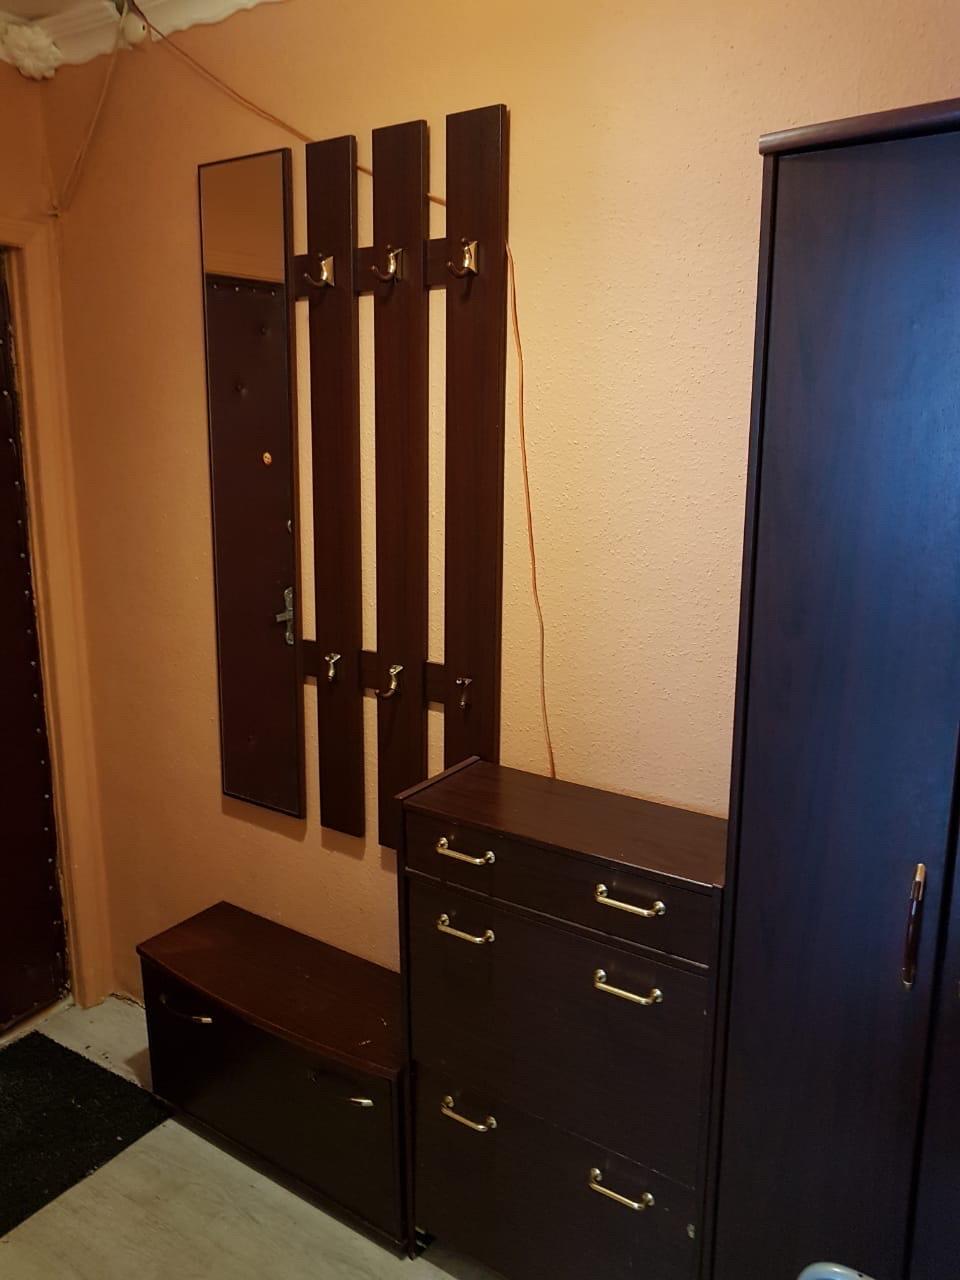 Квартира, 2 комнаты, 45 м² в Москве 89031007769 купить 3